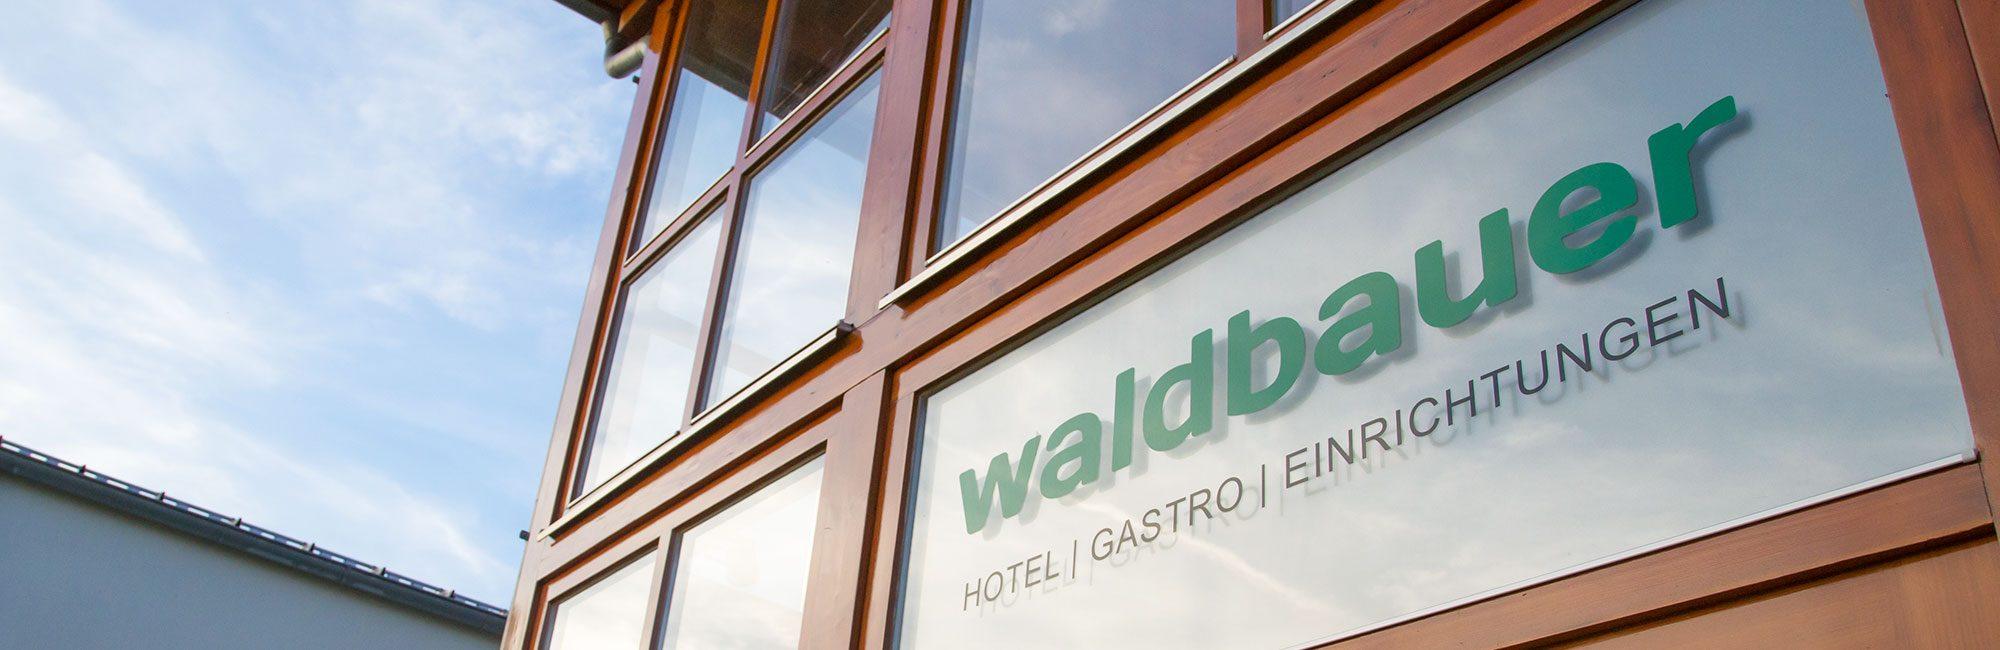 Ihre Ansprechpartner im Unternehmen Waldbauer | Hotel- und Gastroeinrichtungen